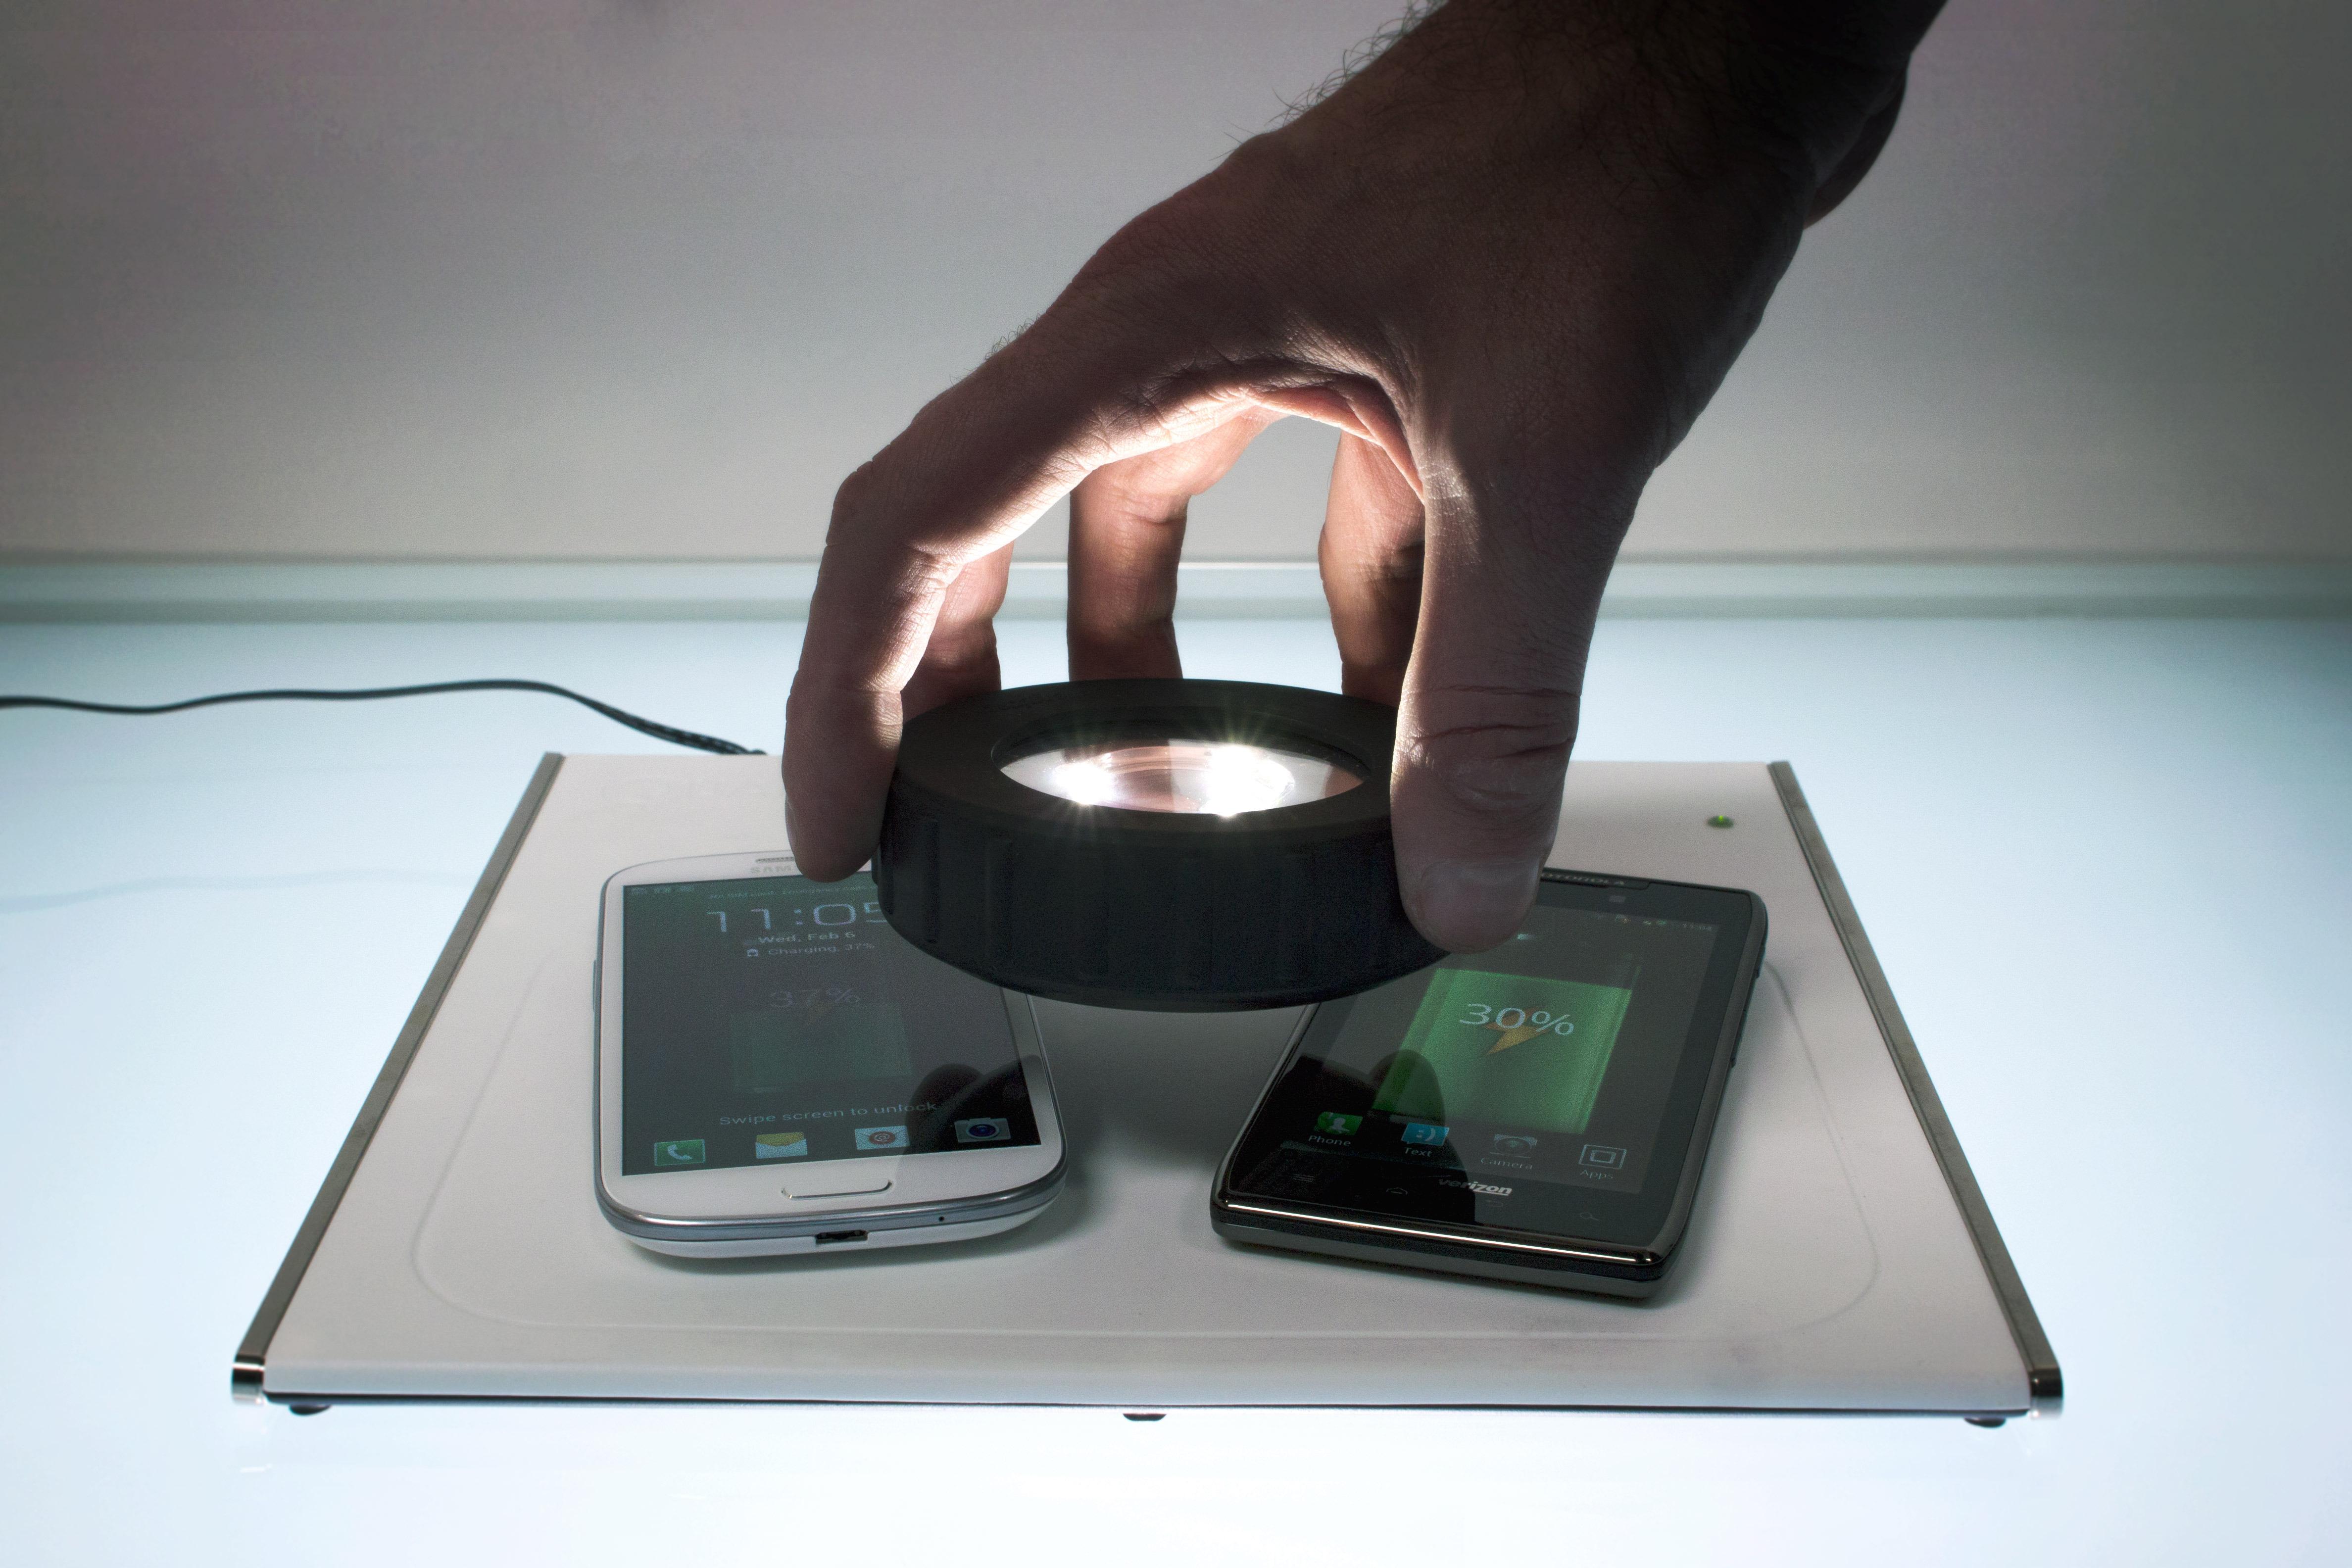 Brezžični polnilec Qualcomm WiPower naj bi ponujal boljšo uporabniško izkušnjo od zdajšnjih primerljivih naprav.